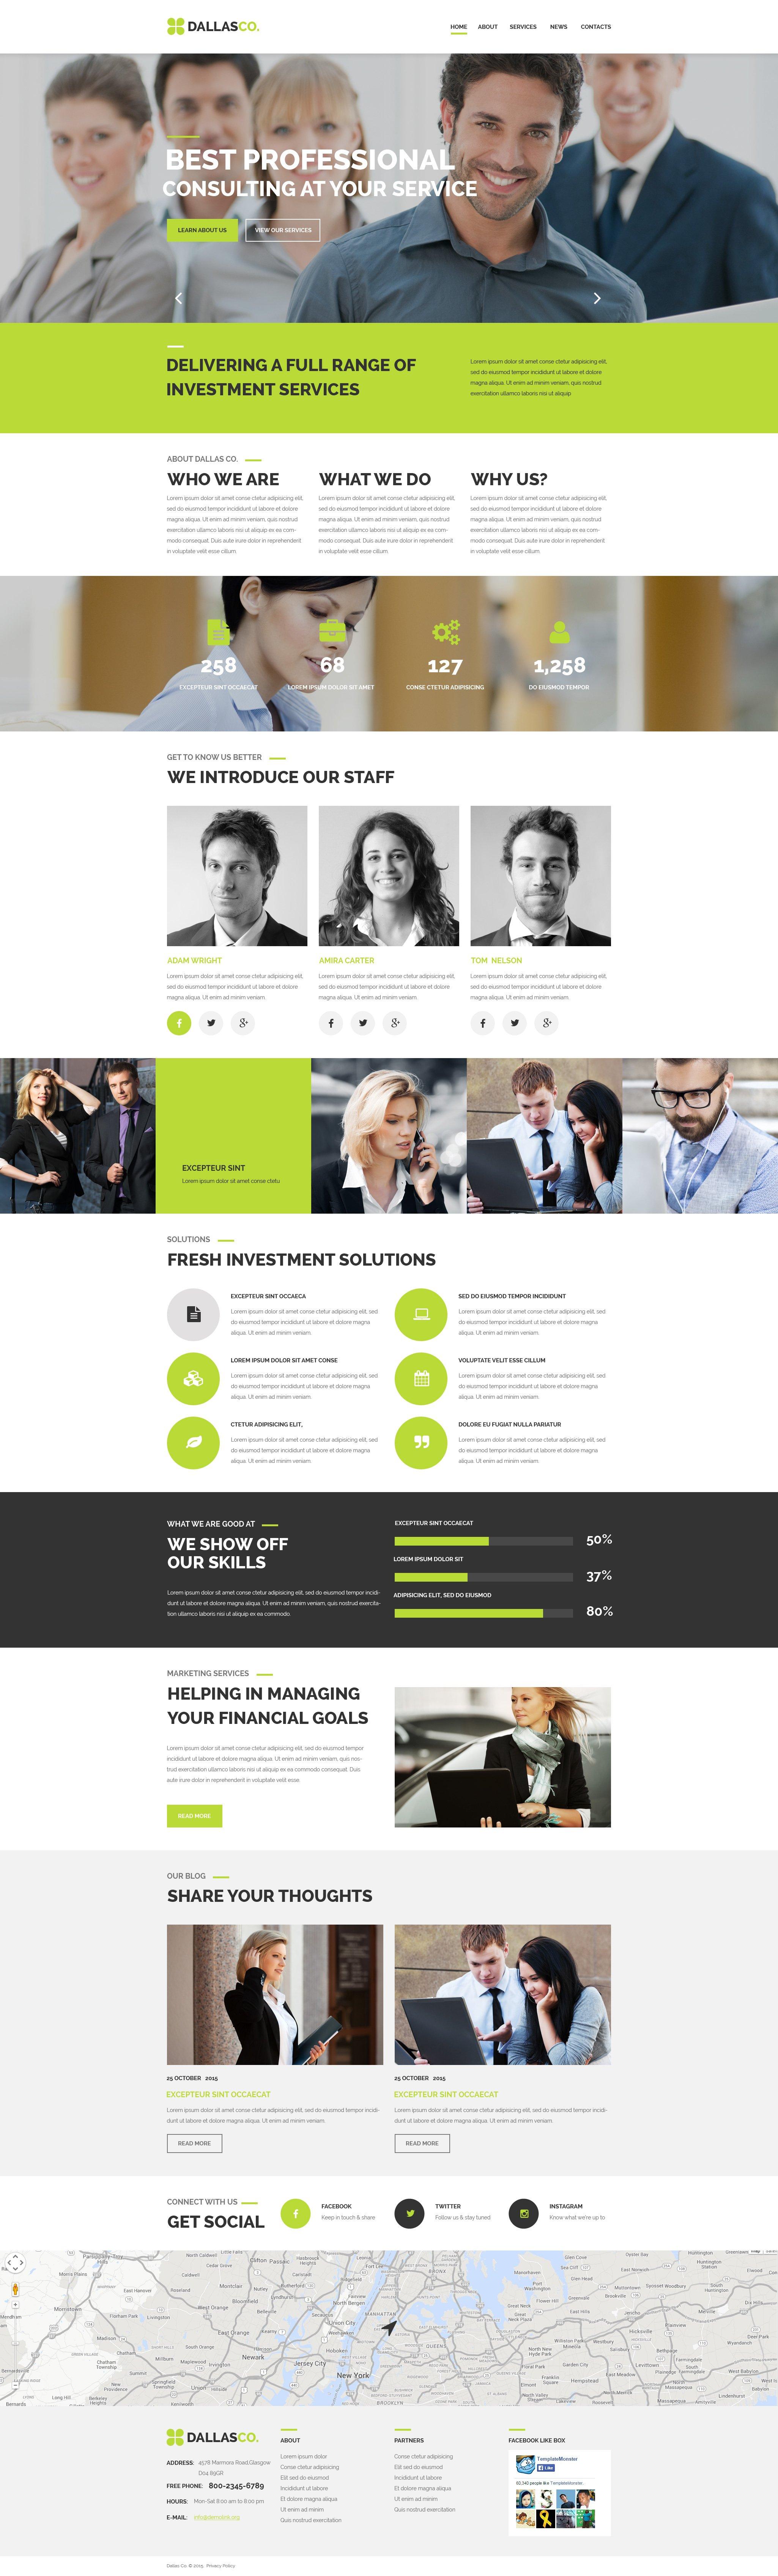 Business Center PSD Template